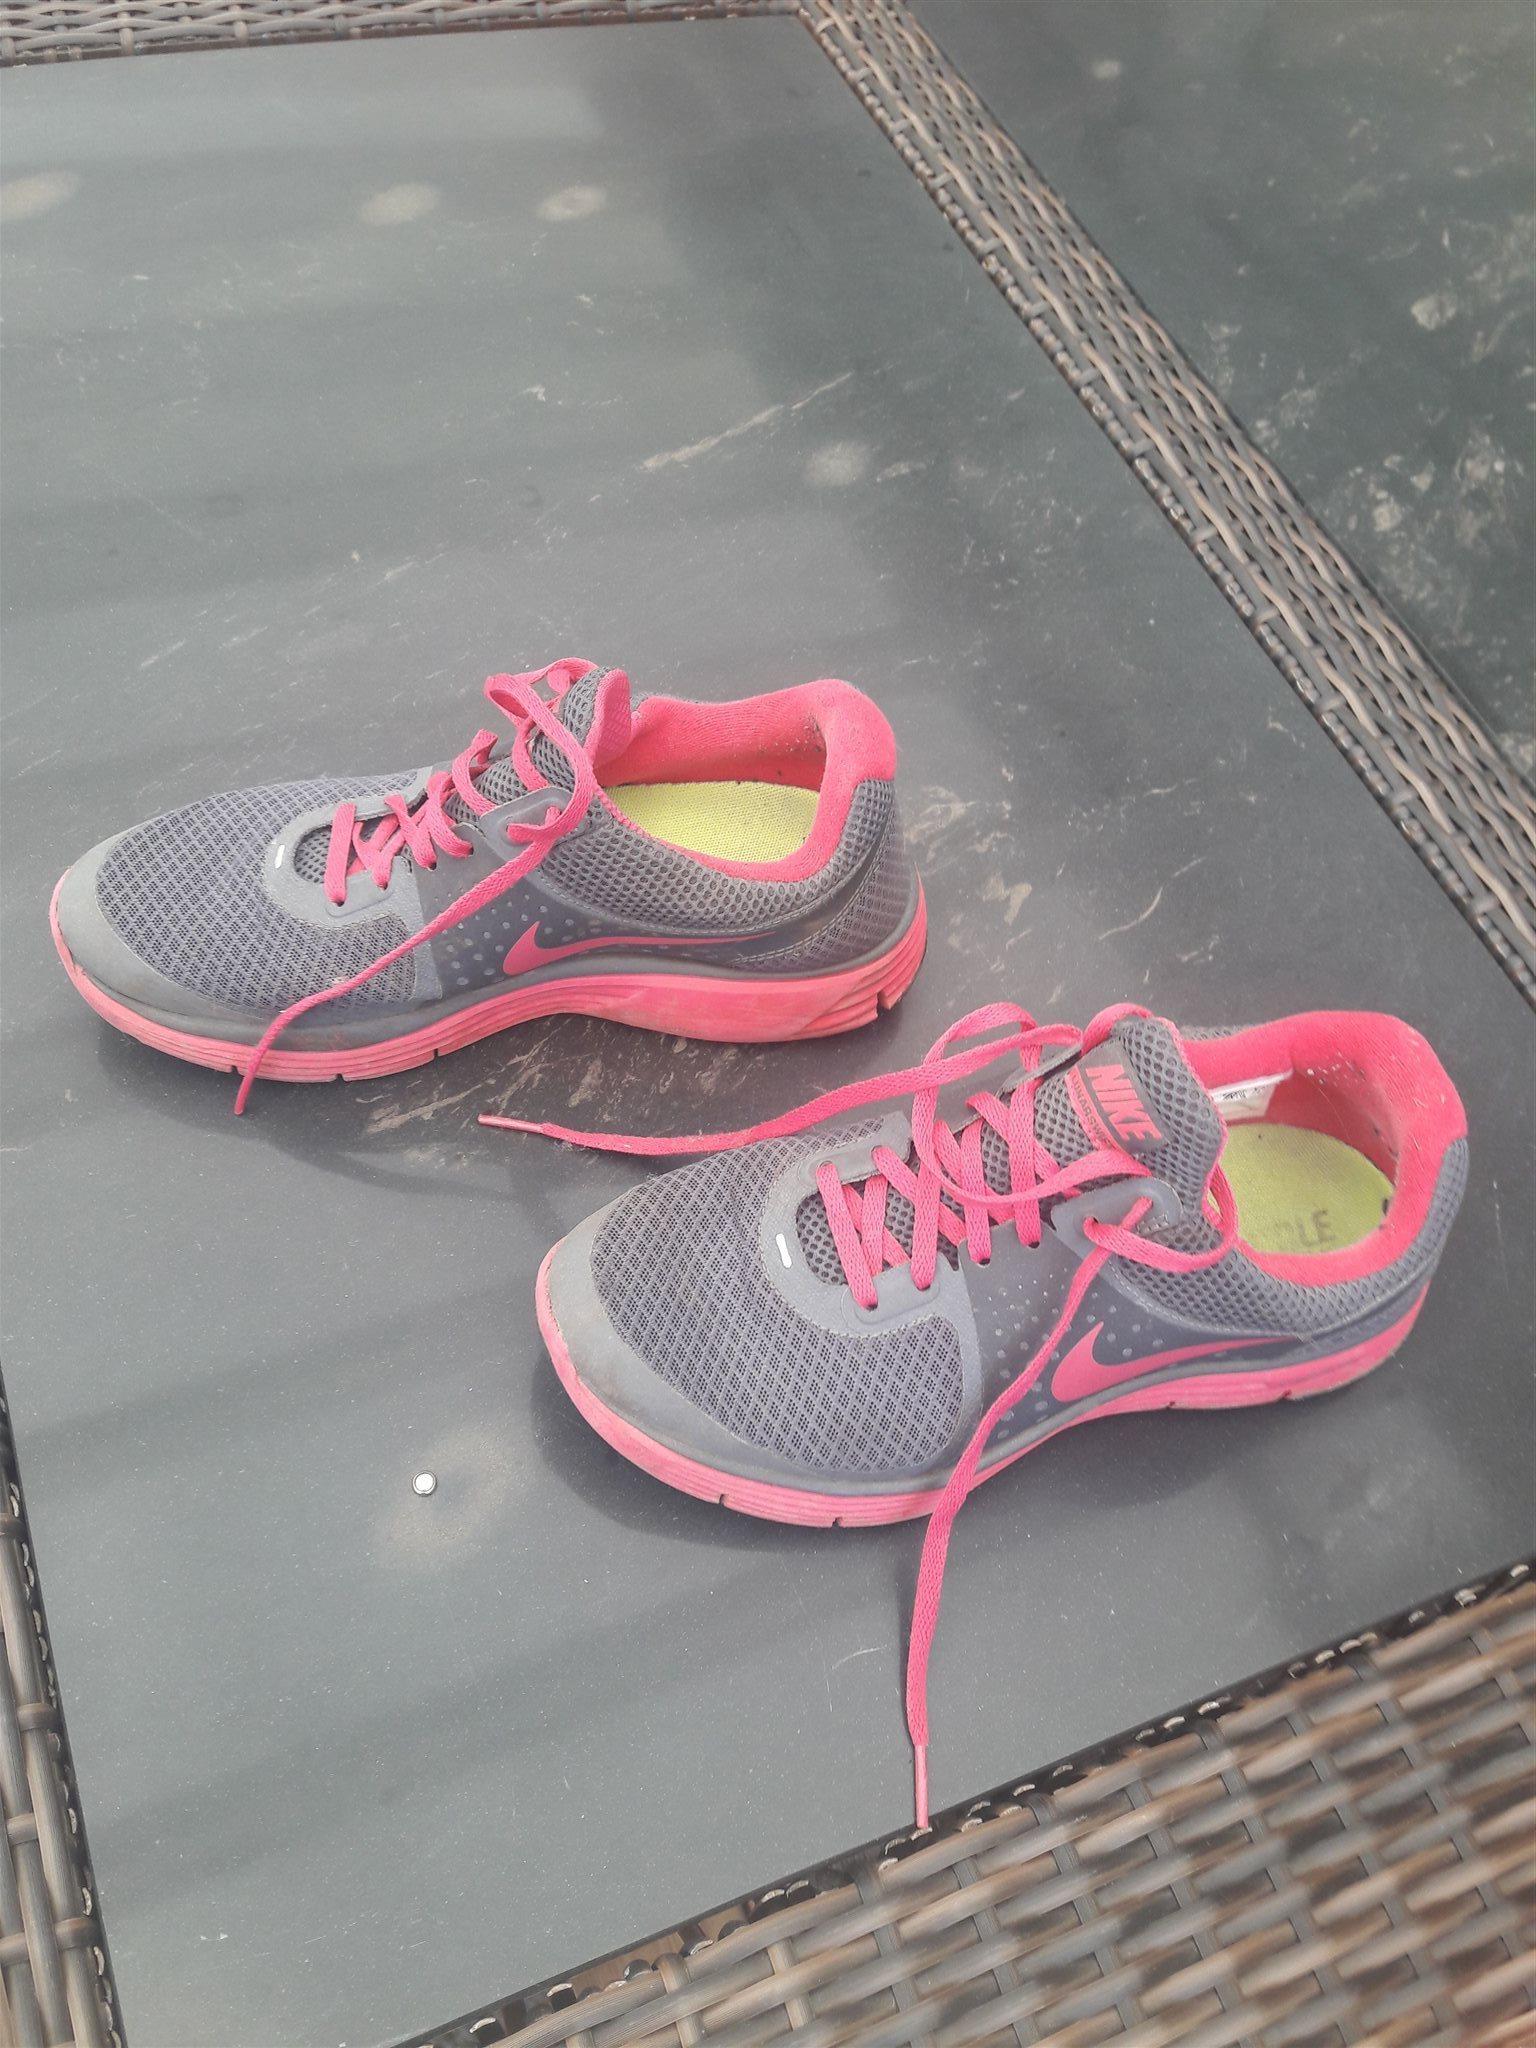 new arrivals 6ed9f 778b3 Nike skor st 39 på Tradera.com - Träningsskor och löparskor - storlek